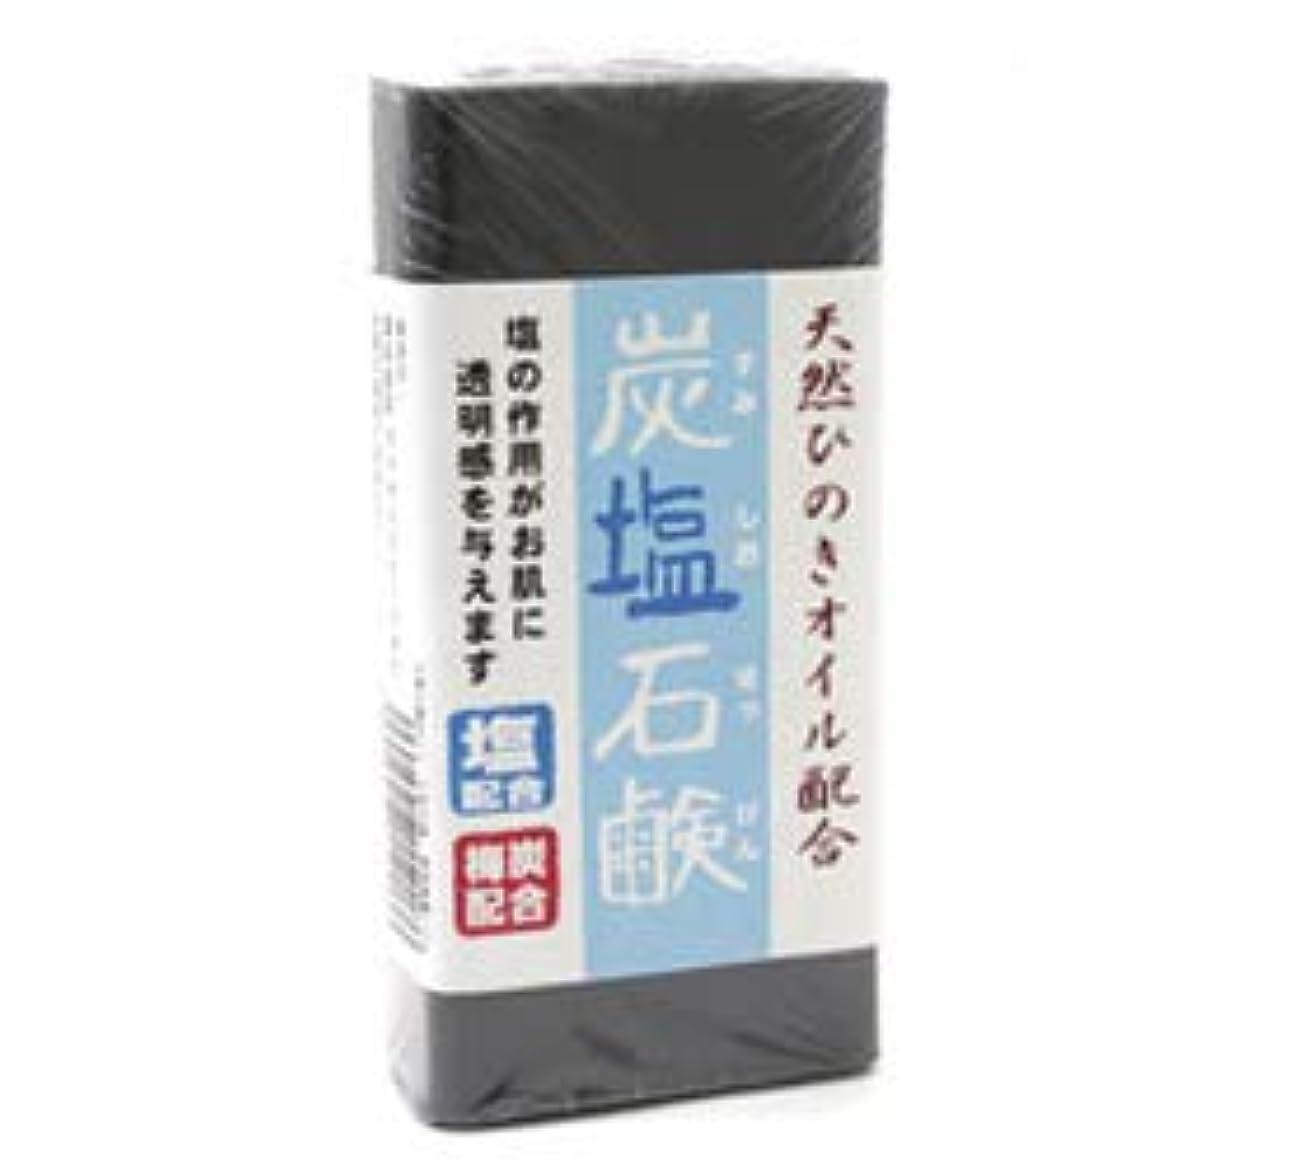 高くフィルタ論理的に炭塩石鹸 ロングサイズ 【 天然ひのきオイル配合】